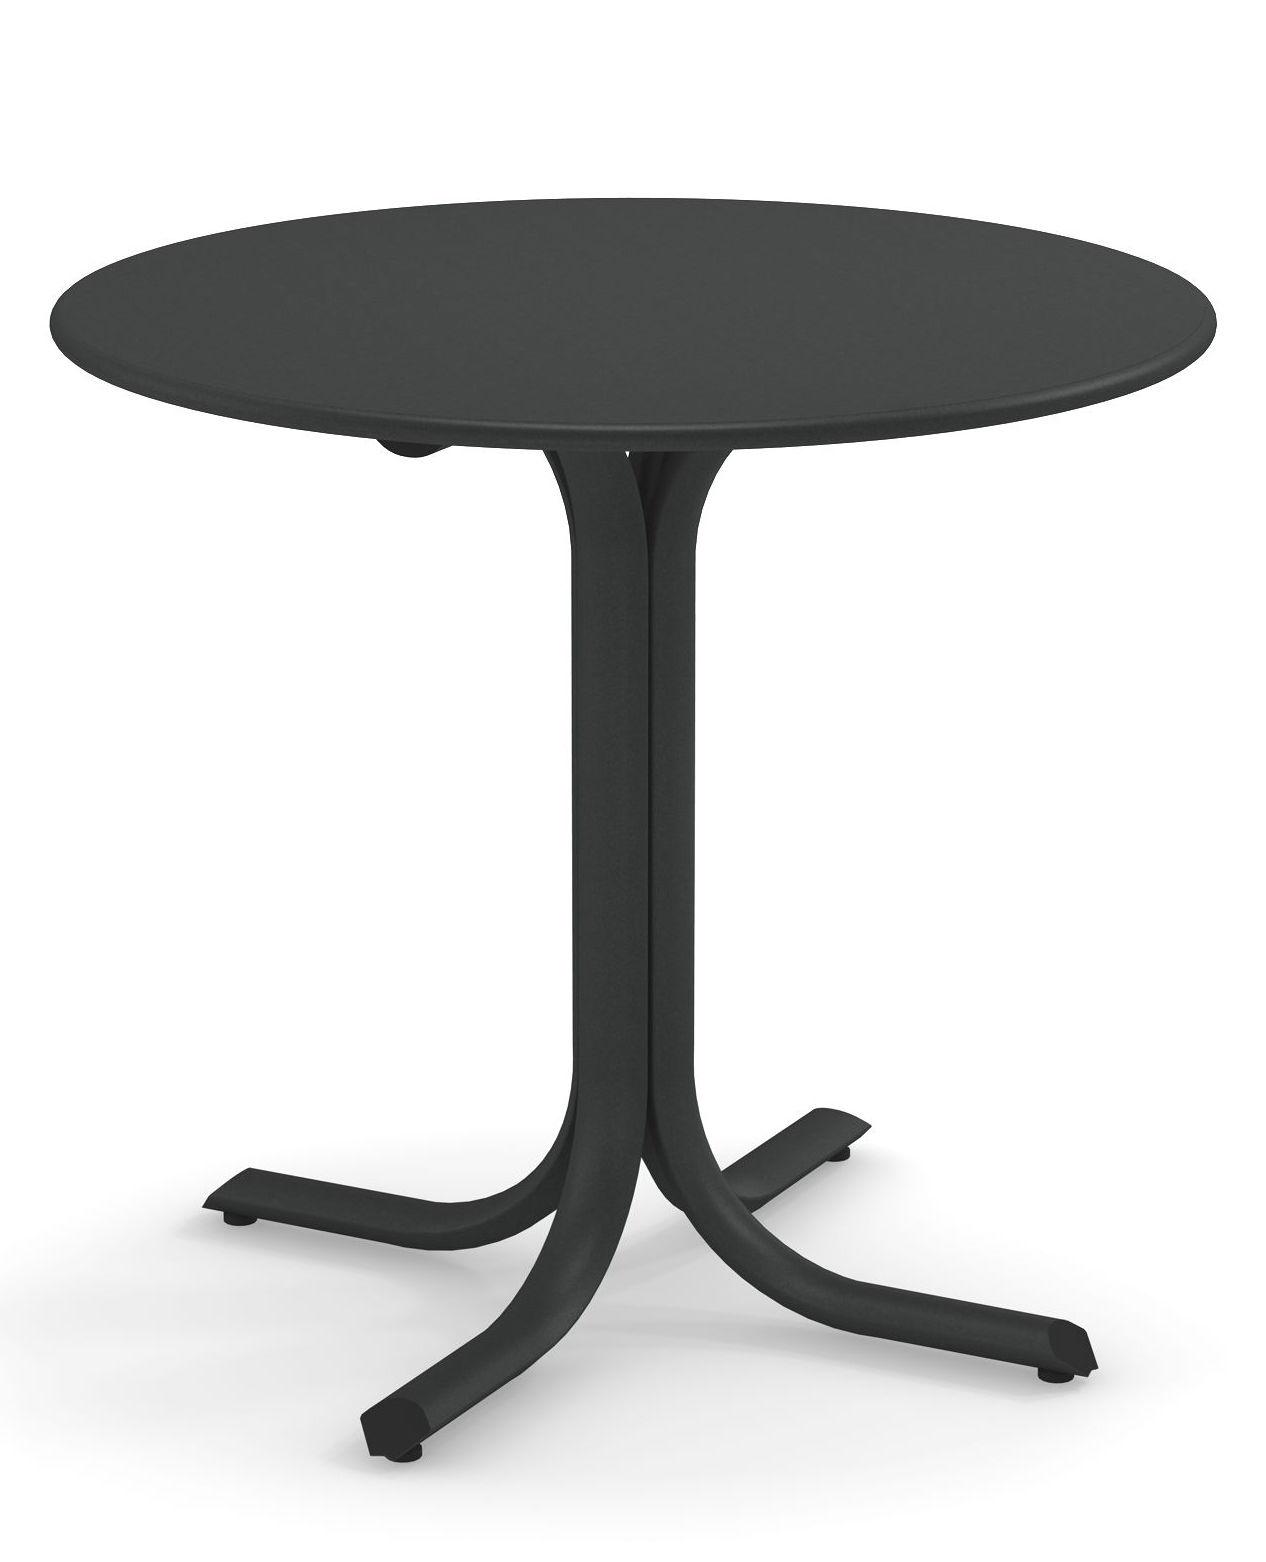 Outdoor - Tische - System Runder Tisch / Ø 120 cm - Emu - Eisen Antik - Verzinkter lackierter Stahl